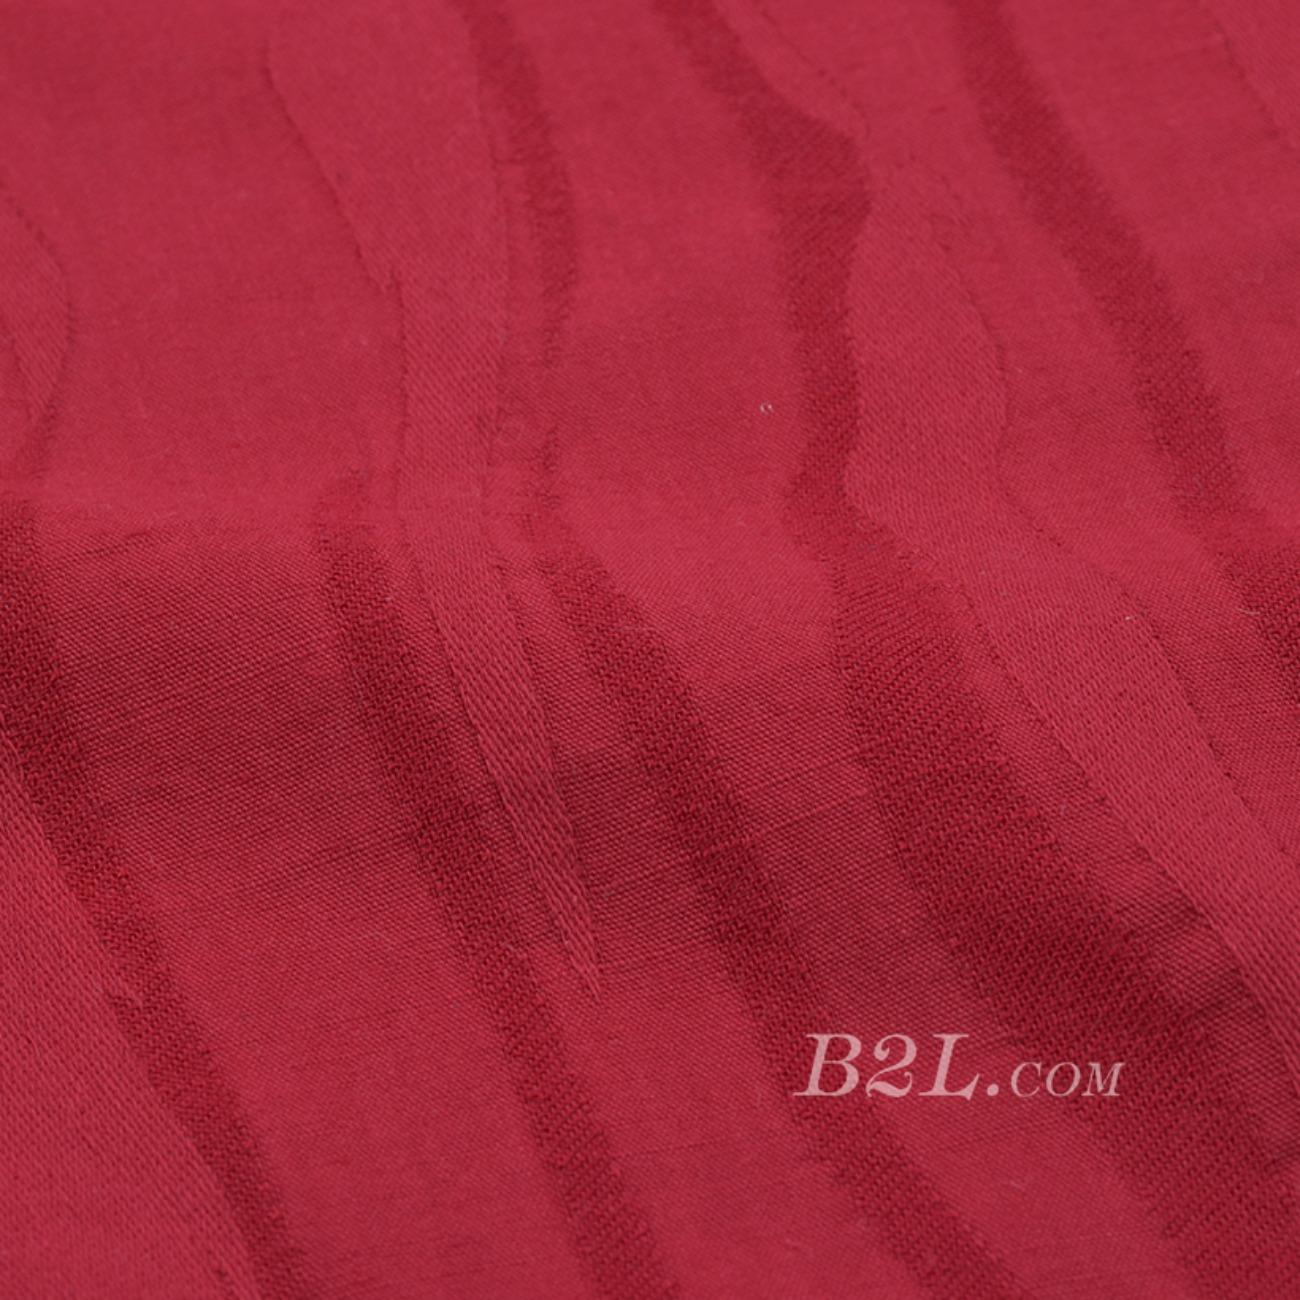 素色 梭織 低彈 幾何 全棉 連衣裙 襯衫 女裝  80604-32